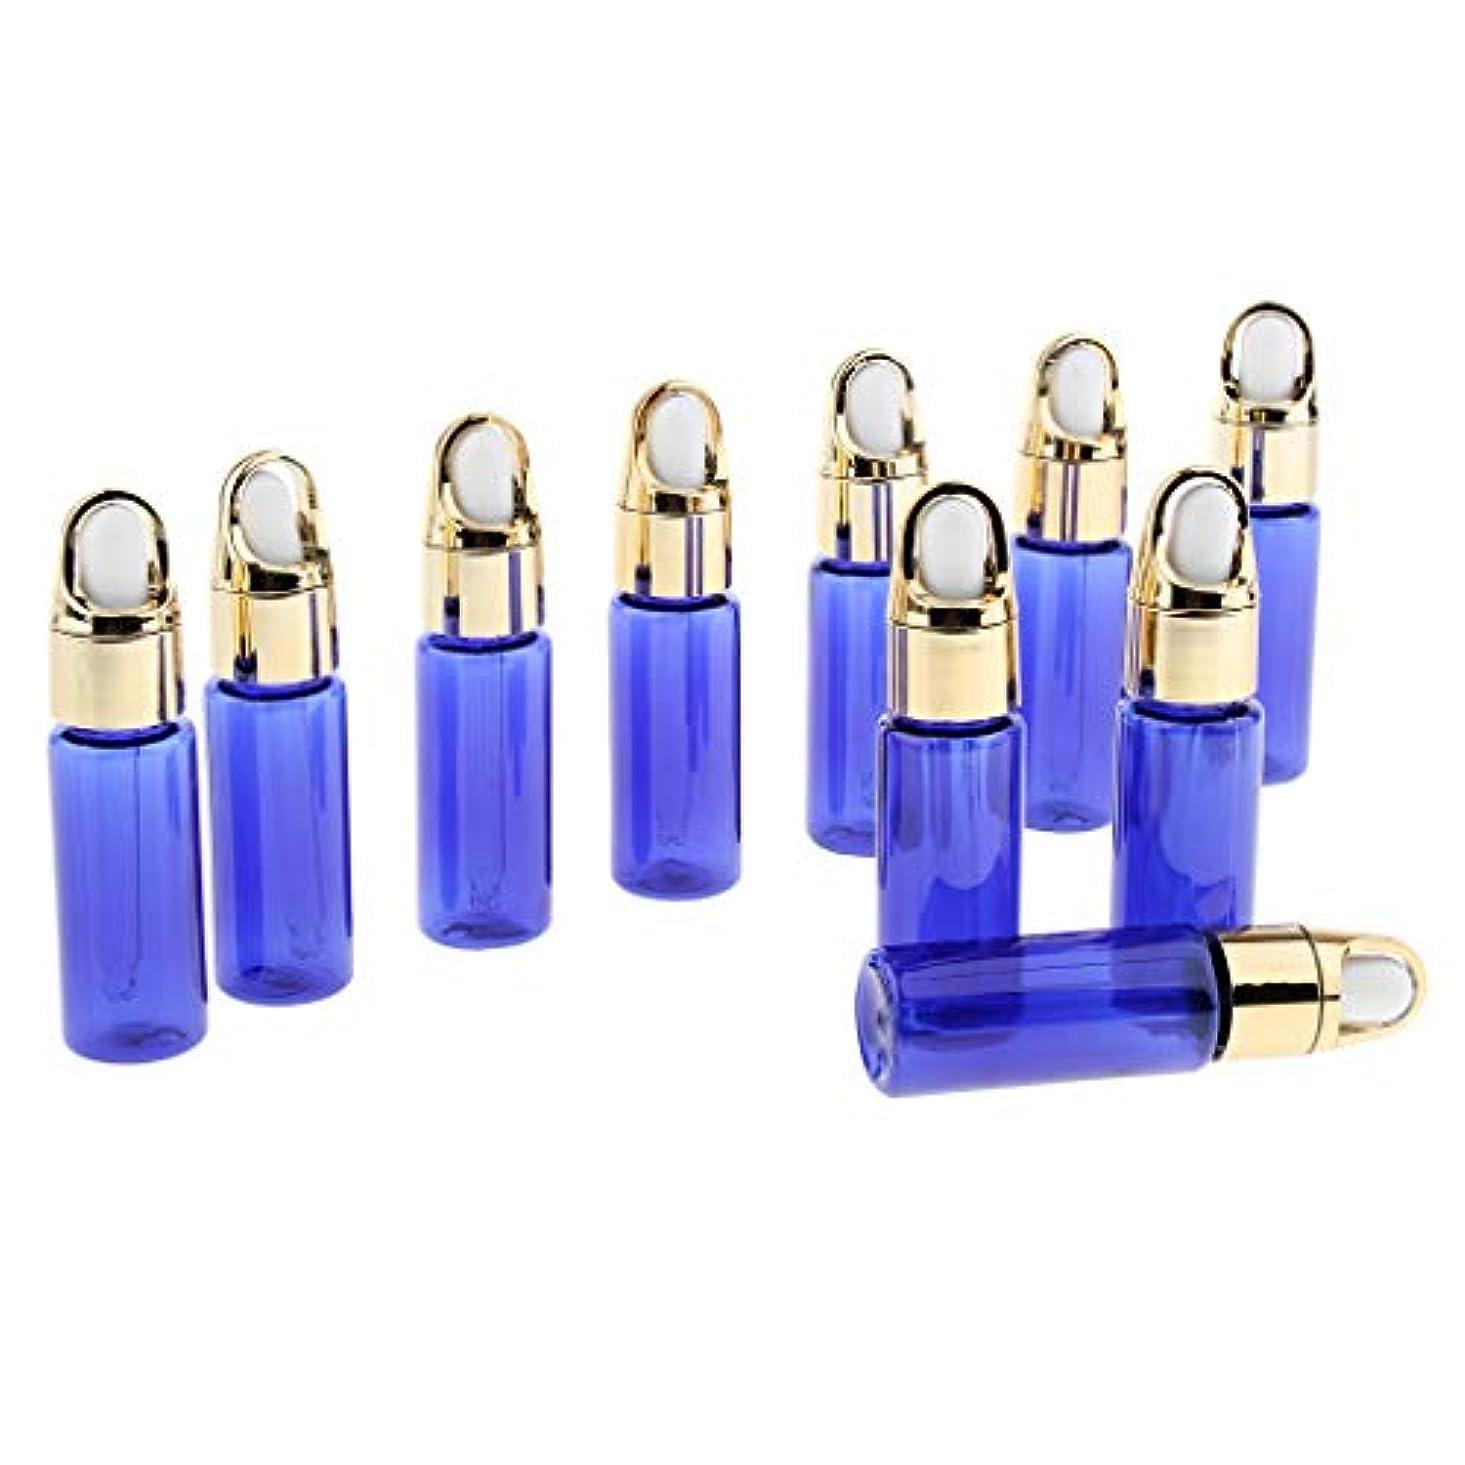 謎めいた証言するそうでなければ20ミリリットル 空のドロッパーボトル 詰め替え可能な 精油 香水入り 耐久性 全2色 - 青